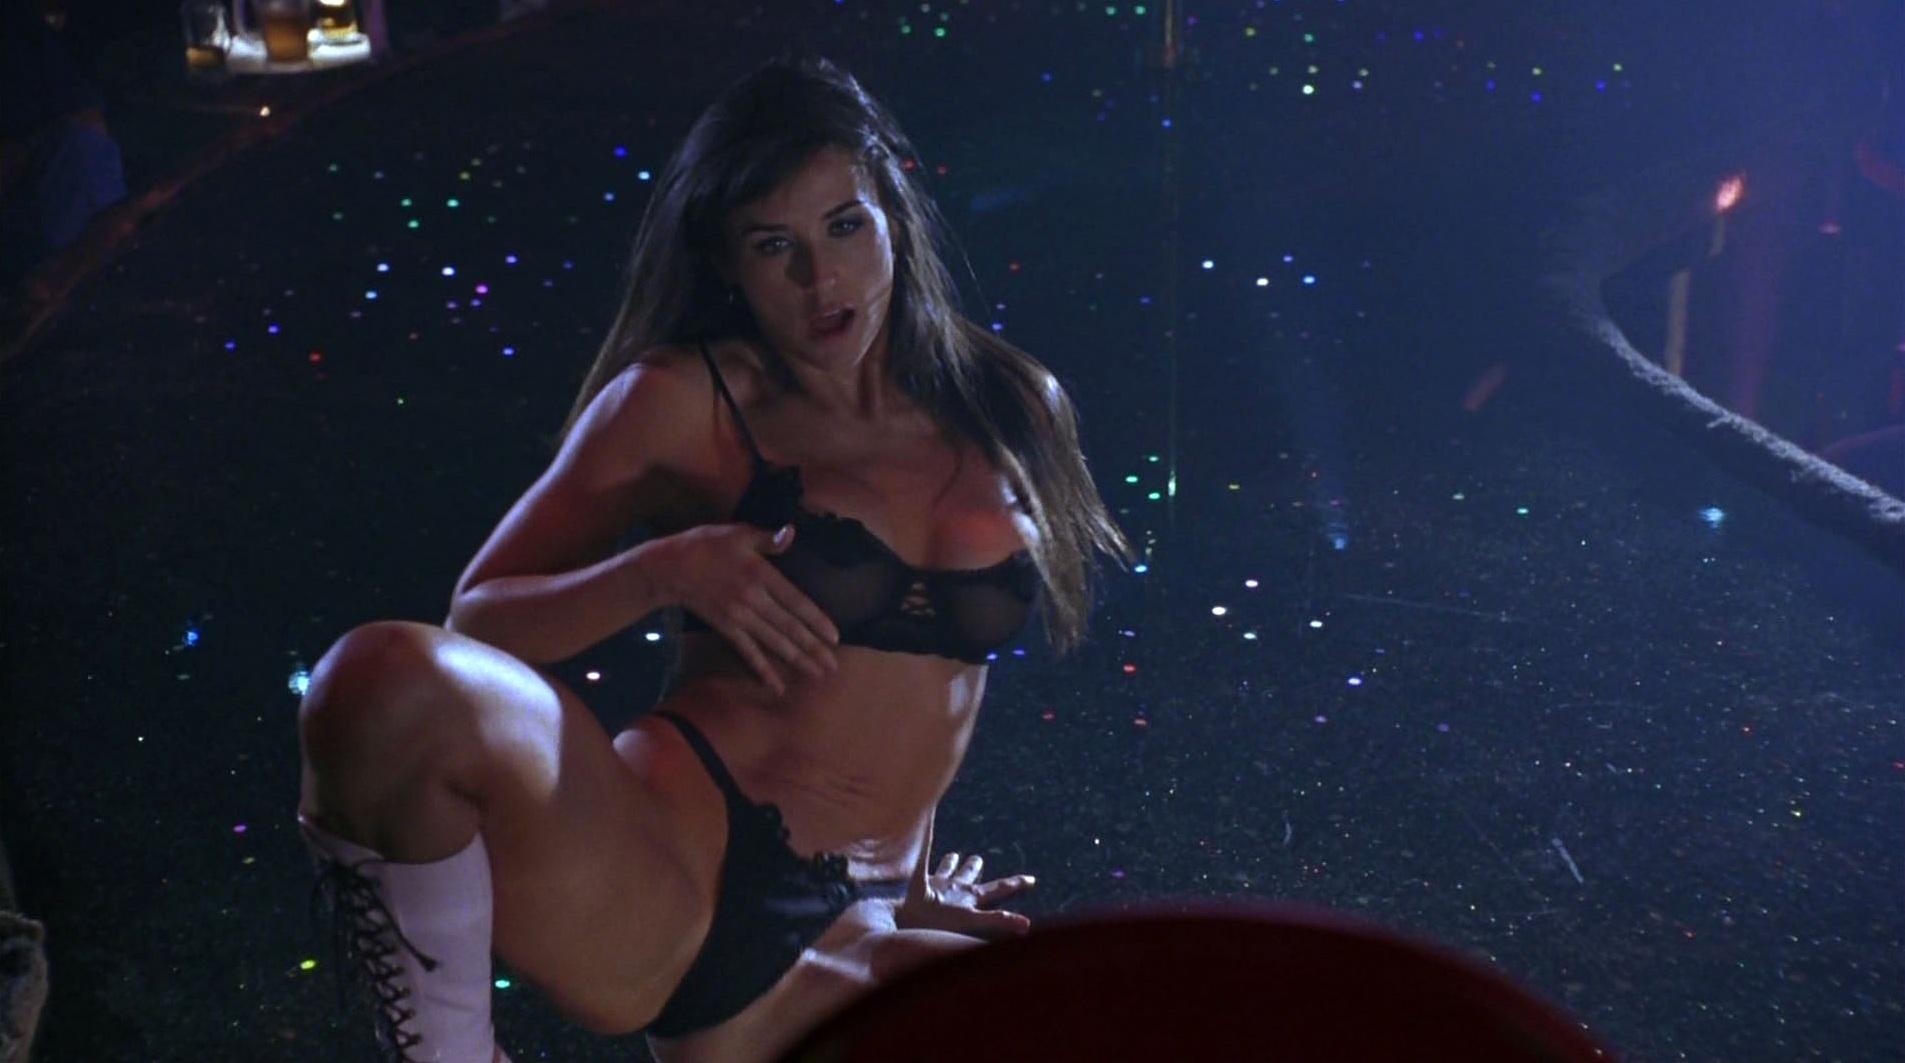 Watch picture striptease scene